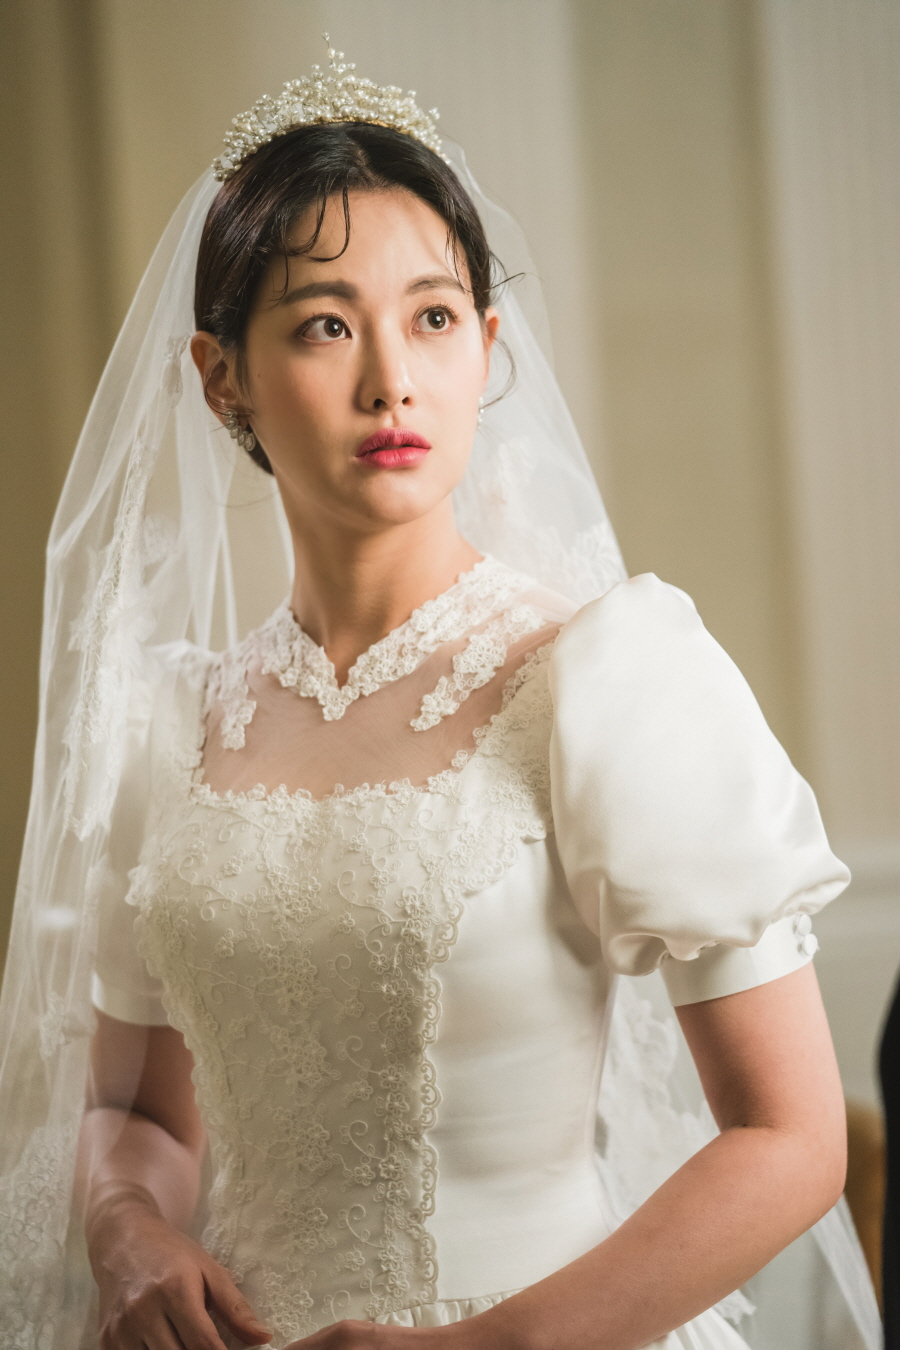 '화유기' 이승기♥오연서, 깜짝 결혼식 포착... 설렘 폭발